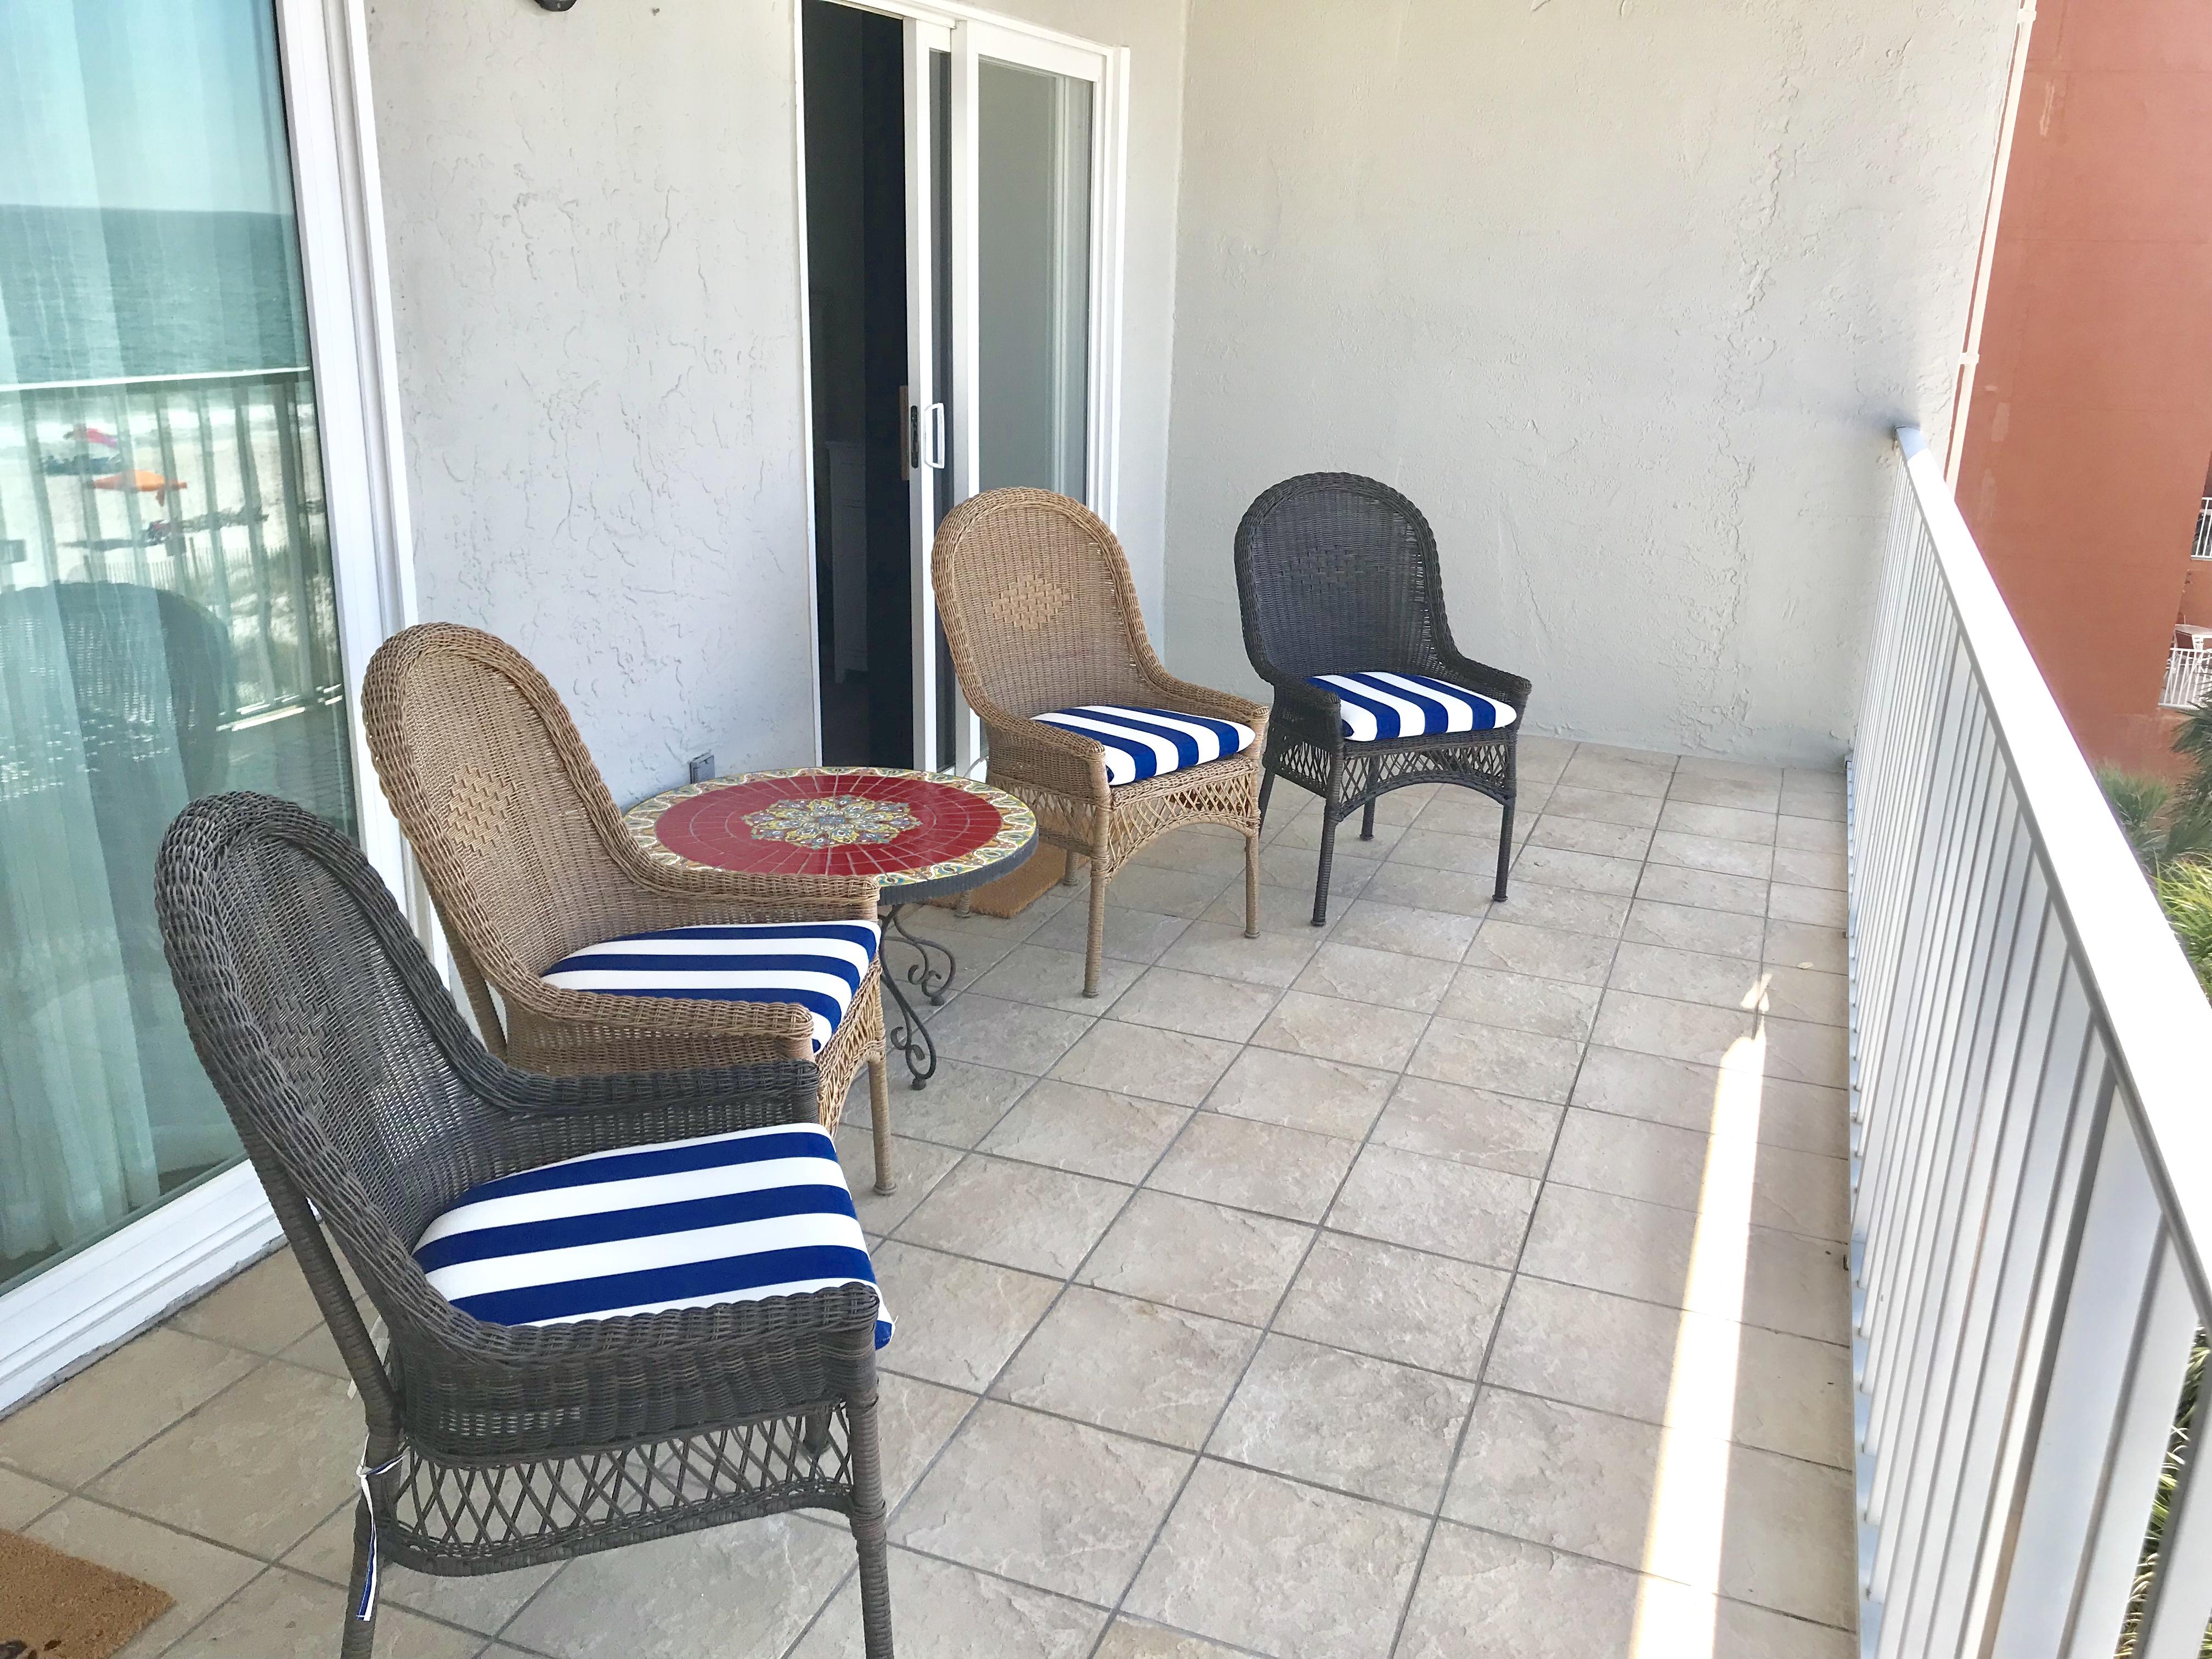 Ocean House 2403 Condo rental in Ocean House - Gulf Shores in Gulf Shores Alabama - #28